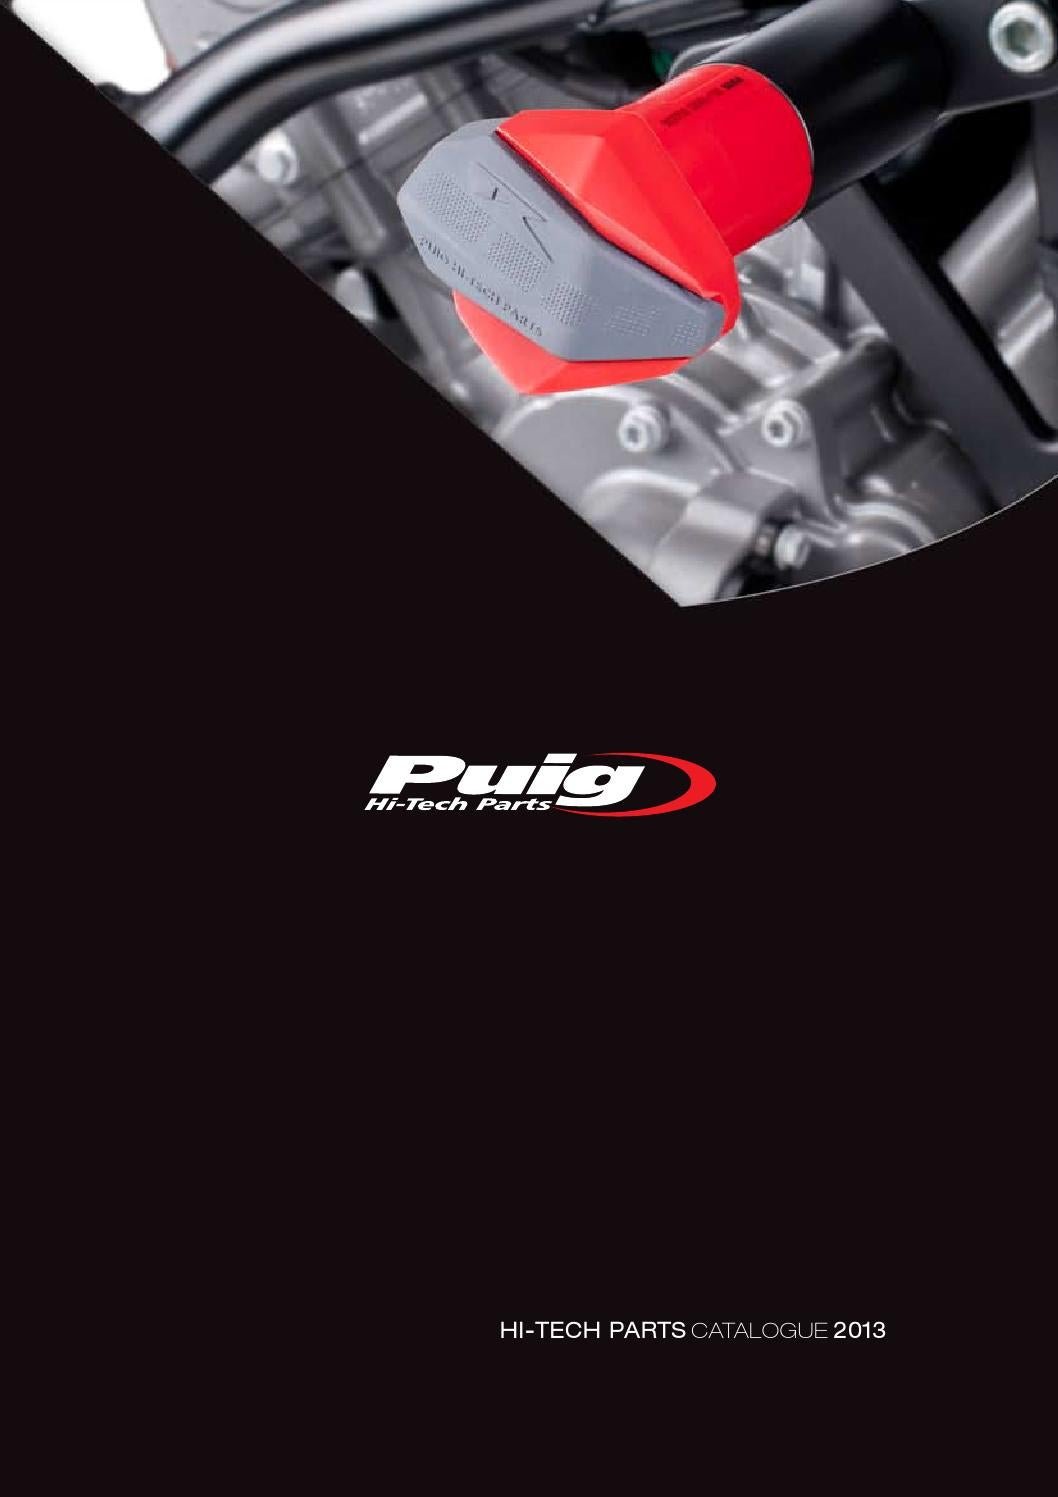 Prolongateur de Garde Boue avant pour Honda Deauville NT 700 V 06-12 noir Puig 5801n